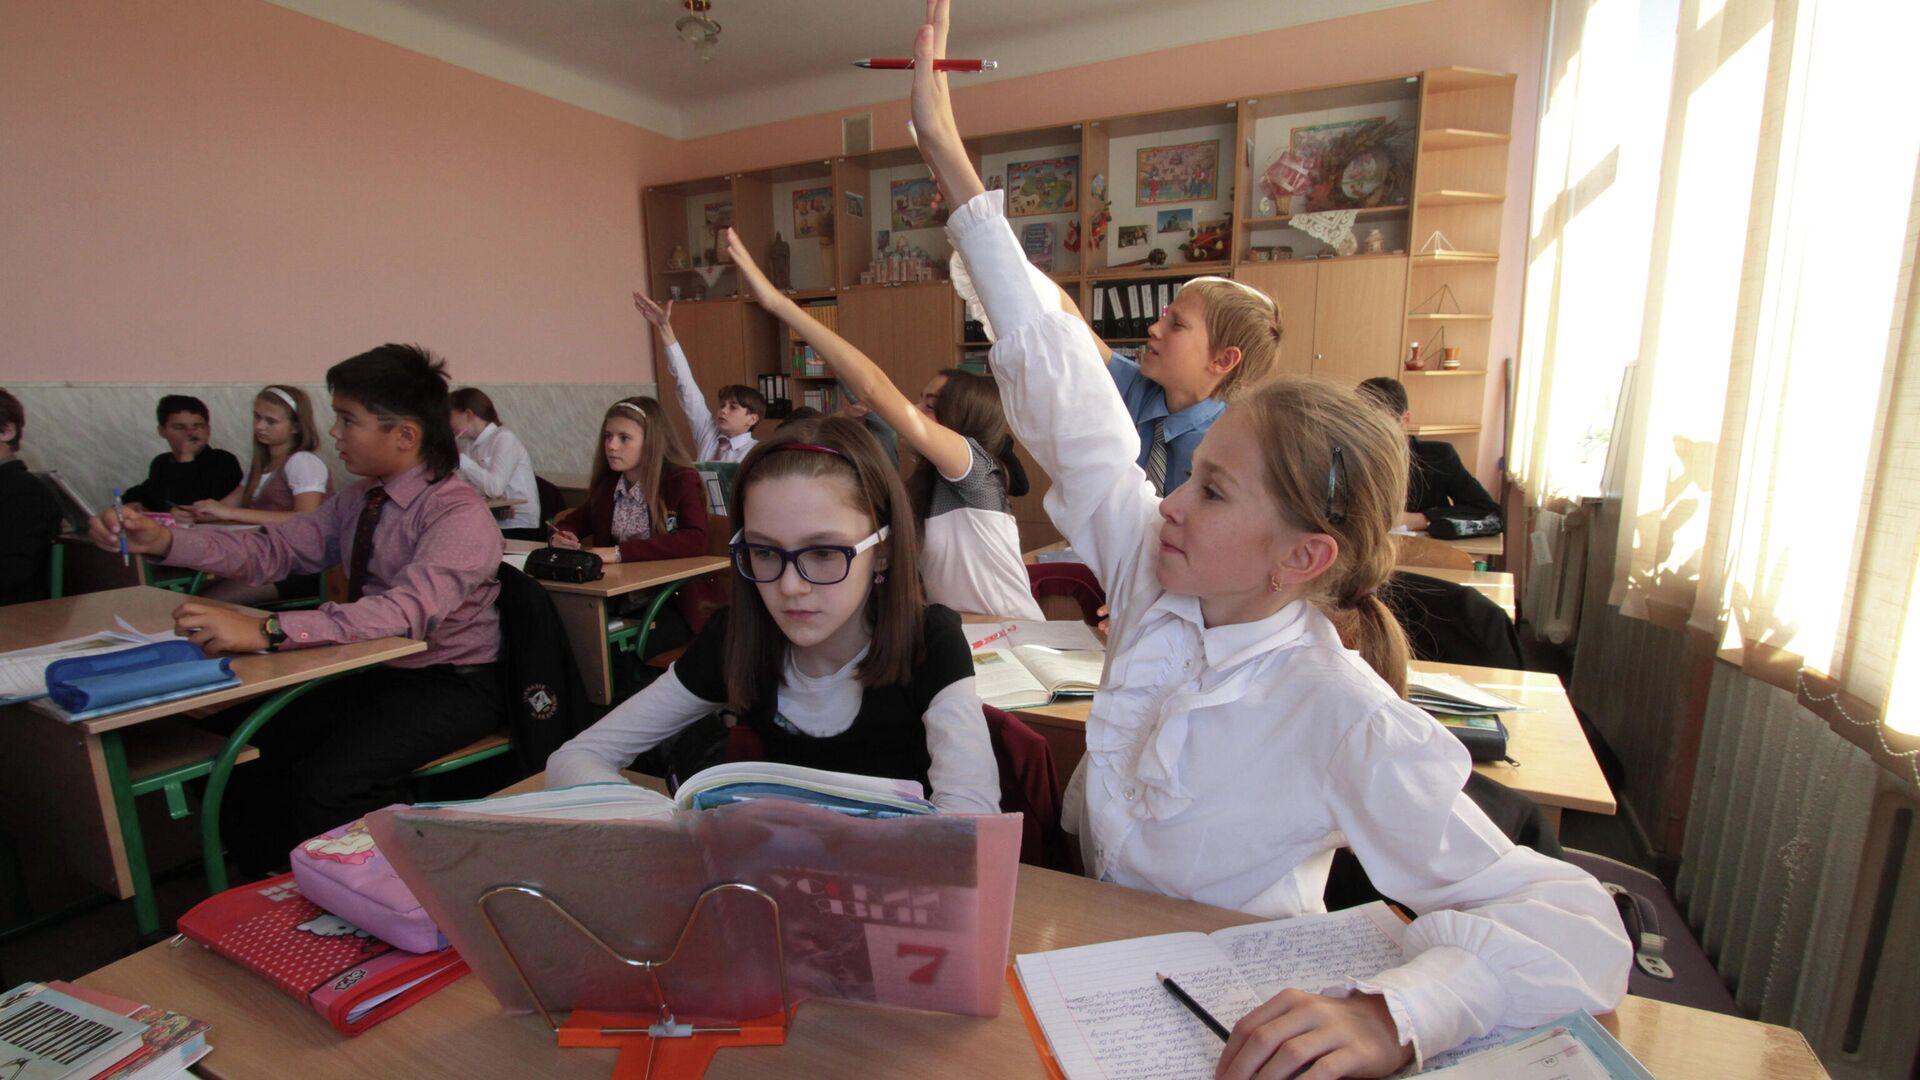 Ученики киевской гимназии во время урока - РИА Новости, 1920, 21.10.2020